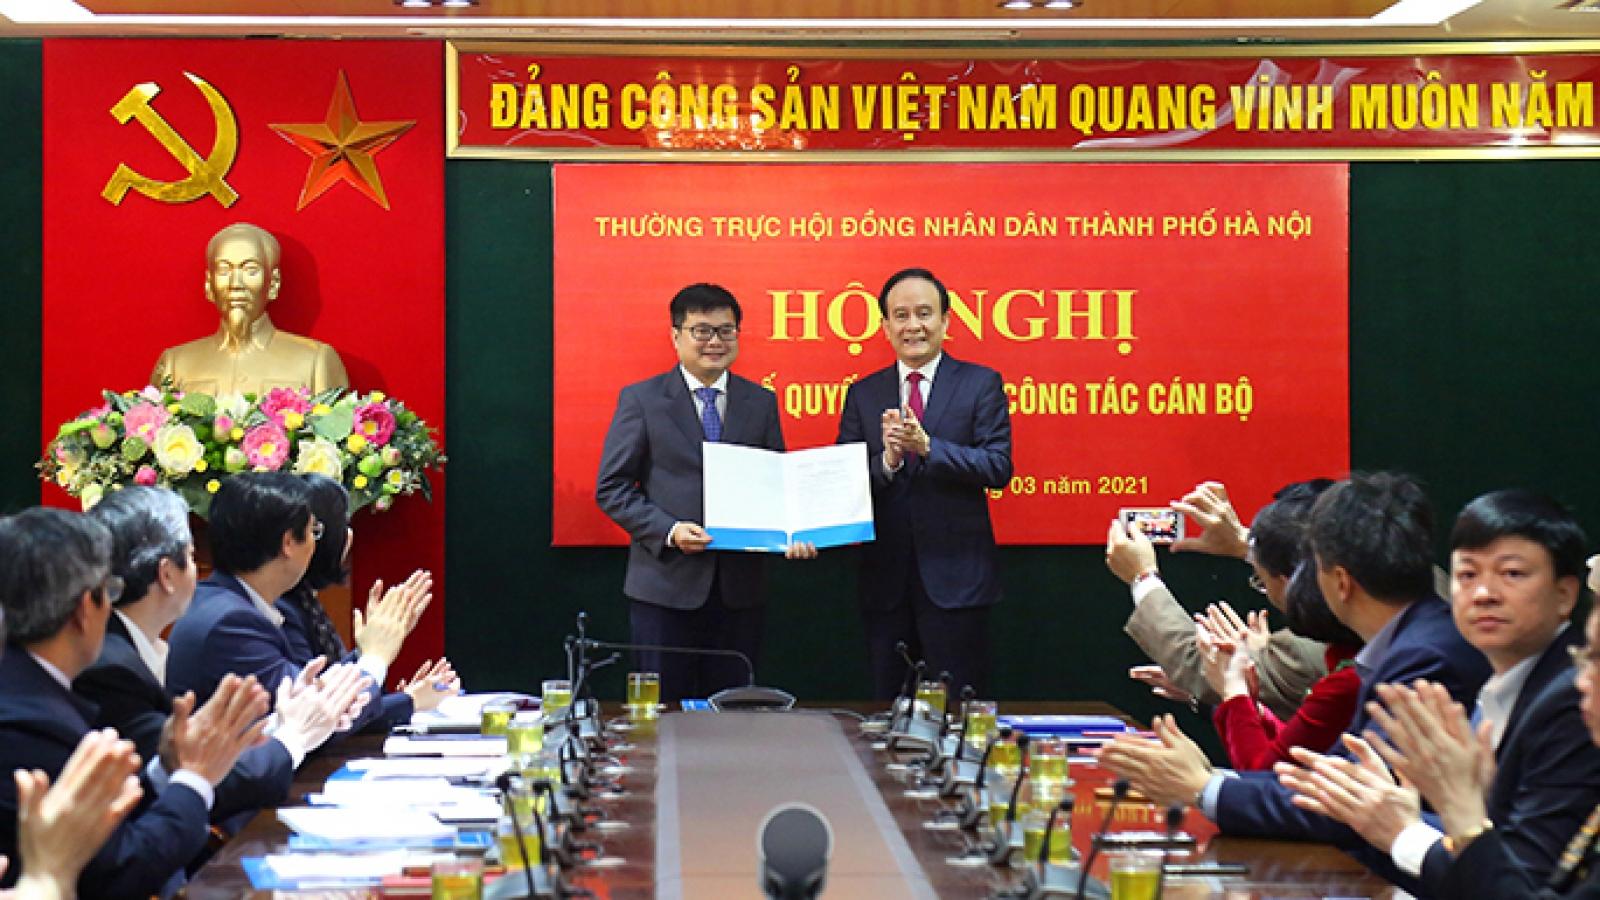 Bổ nhiệm Chánh Văn phòng Đoàn ĐBQH và HĐND thành phố Hà Nội